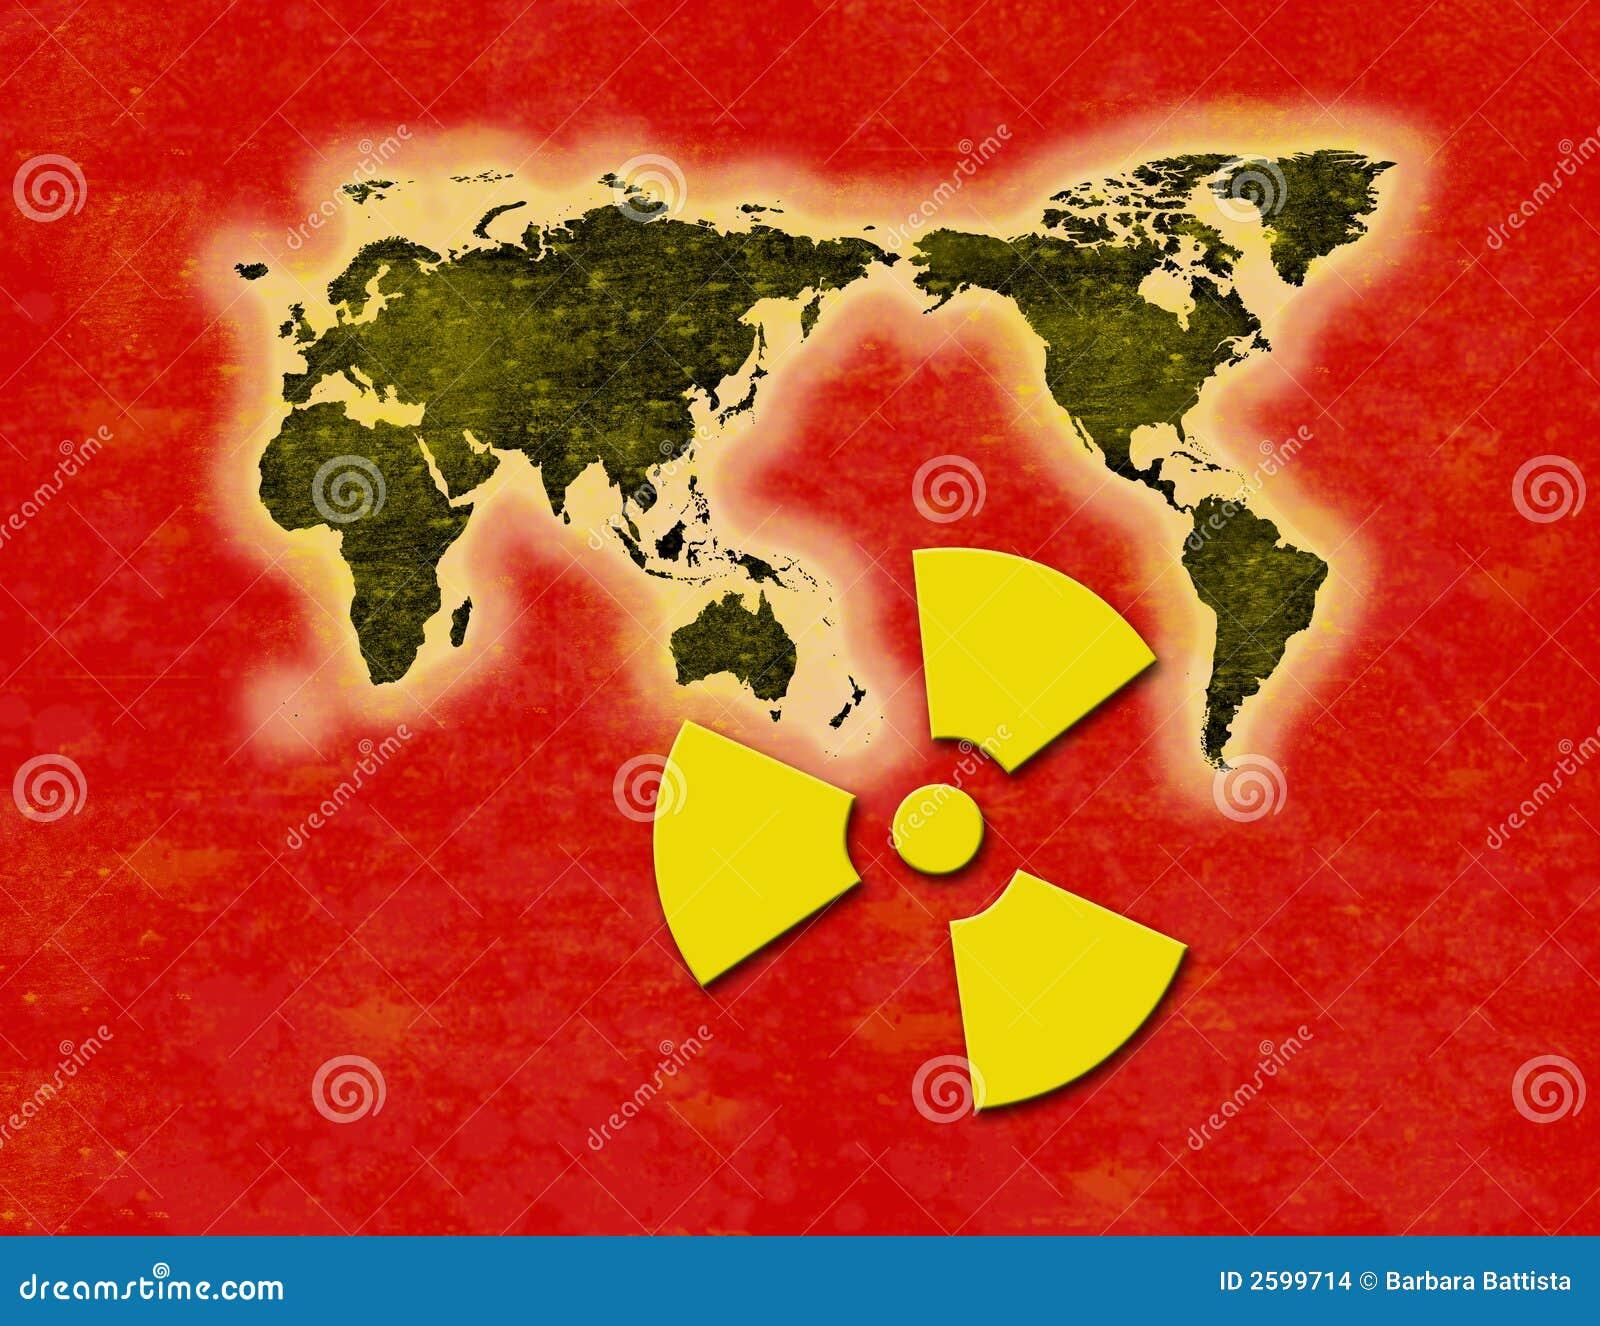 De Radioactieve neerslag van de straling